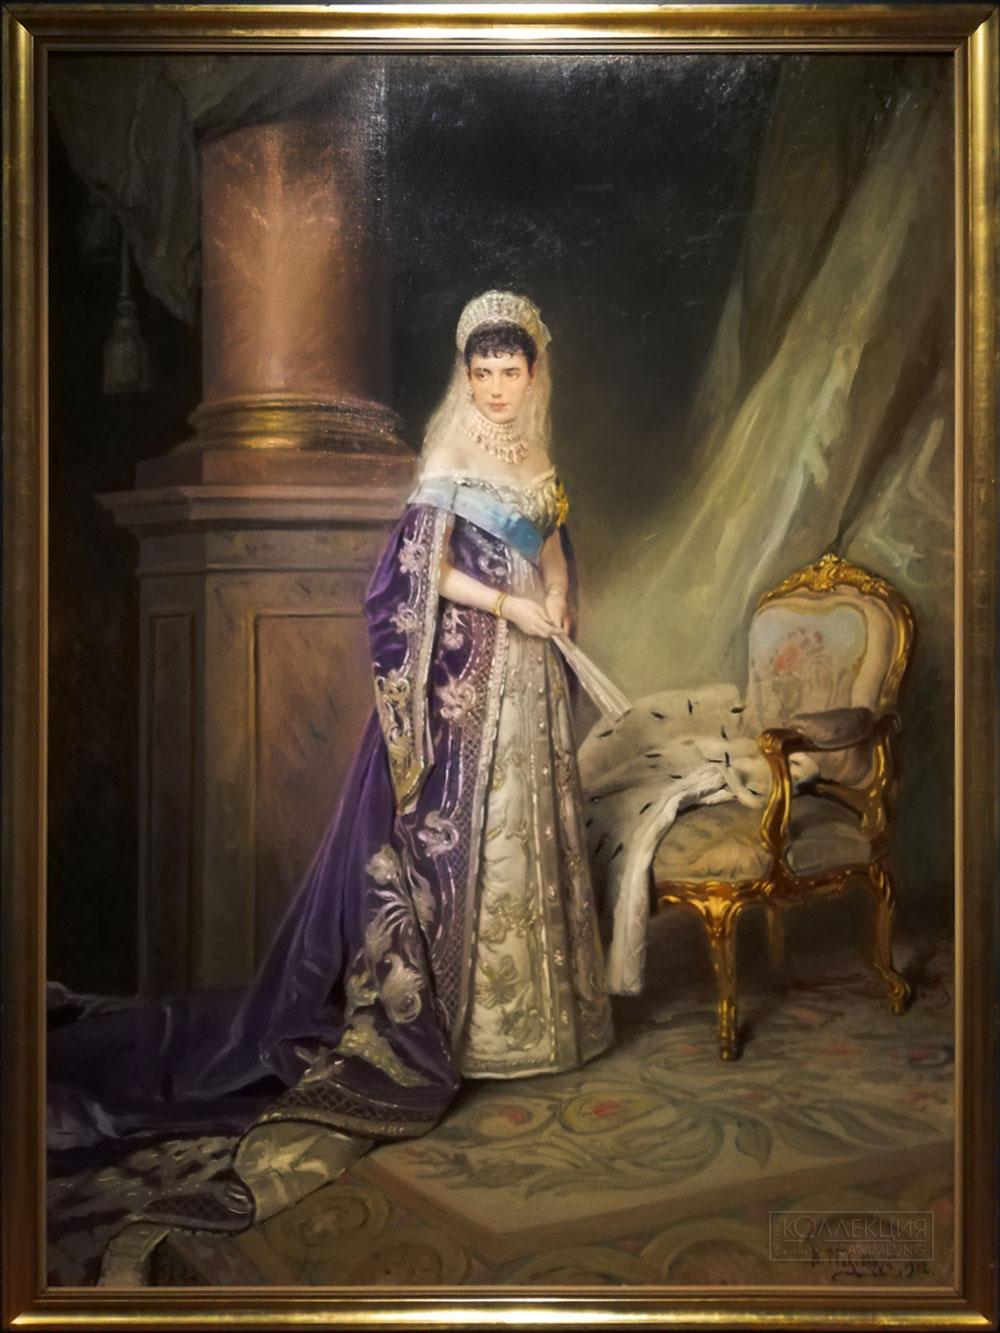 Портрет императрицы Марии Фёдоровны (художник В.Е. Маковский ) 1912 г.